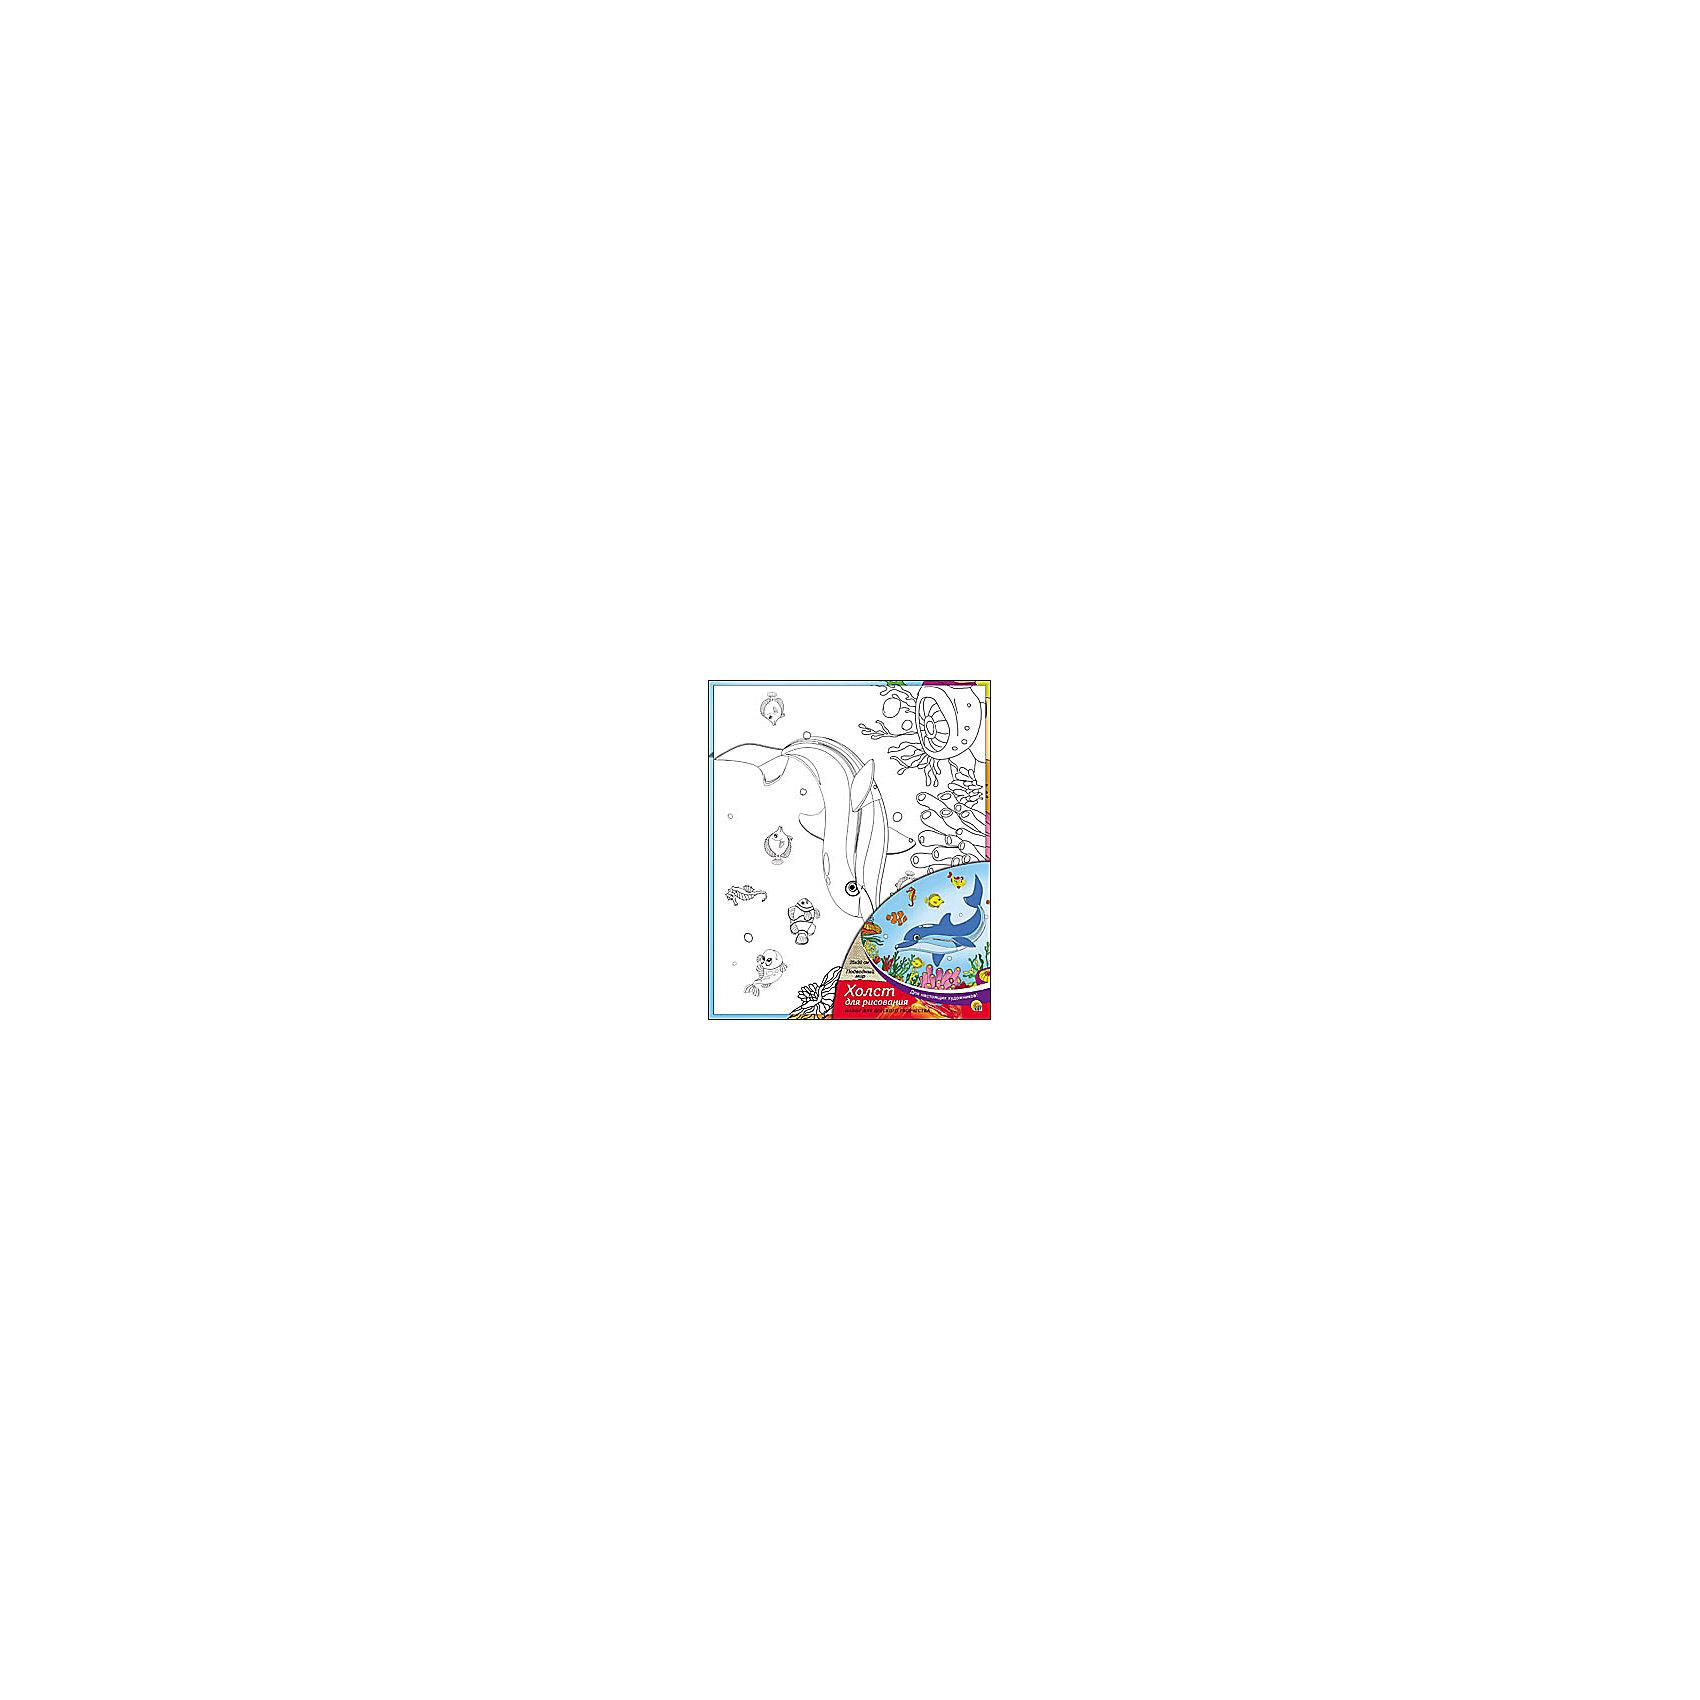 Холст с красками Подводный мир, 25х30 смРаскраски по номерам<br>Холст с красками Подводный мир поможет ребенку провести время с пользой и развить художественные навыки. Яркими красками он с удовольствием раскрасит эскиз на холсте и с гордостью сможет похвастаться родителям и друзьям!<br><br>Дополнительная информация:<br>В наборе: холст-эскиз, 7 акриловых красок, кисточка<br>Размер: 25х1,5х30 см<br>Вес: 250 грамм<br>Вы можете приобрести холст с красками Подводный мир в нашем интернет-магазине.<br><br>Ширина мм: 300<br>Глубина мм: 15<br>Высота мм: 250<br>Вес г: 250<br>Возраст от месяцев: 36<br>Возраст до месяцев: 120<br>Пол: Унисекс<br>Возраст: Детский<br>SKU: 4939542